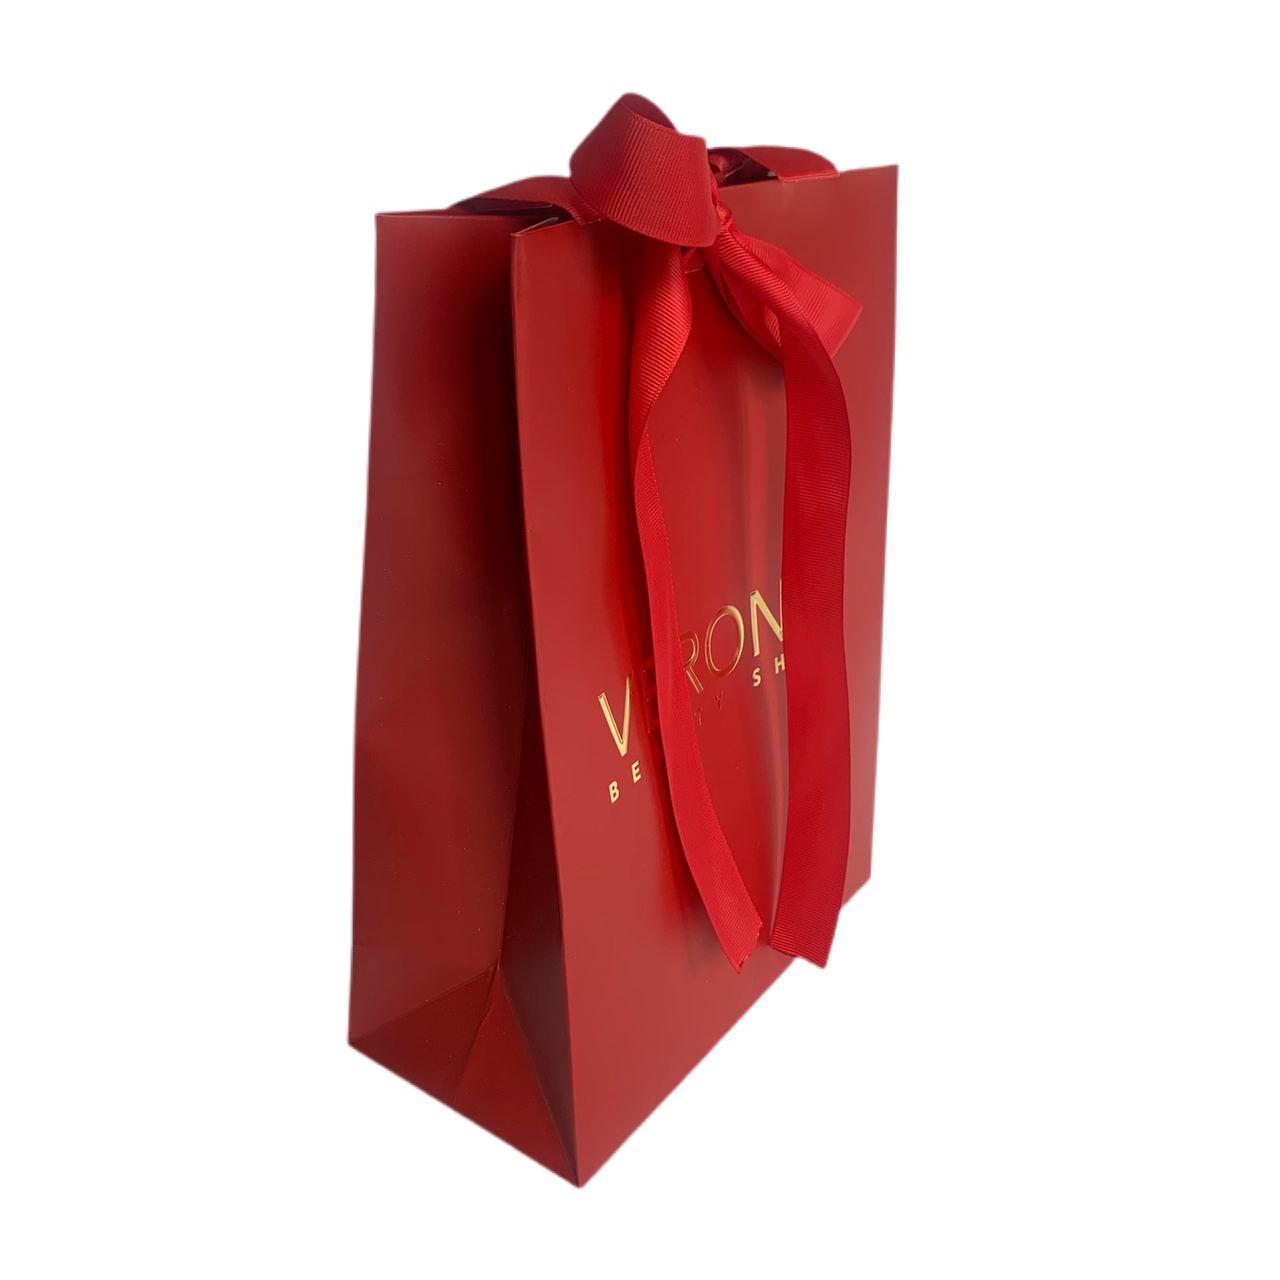 Красный подарочный пакет VERONA